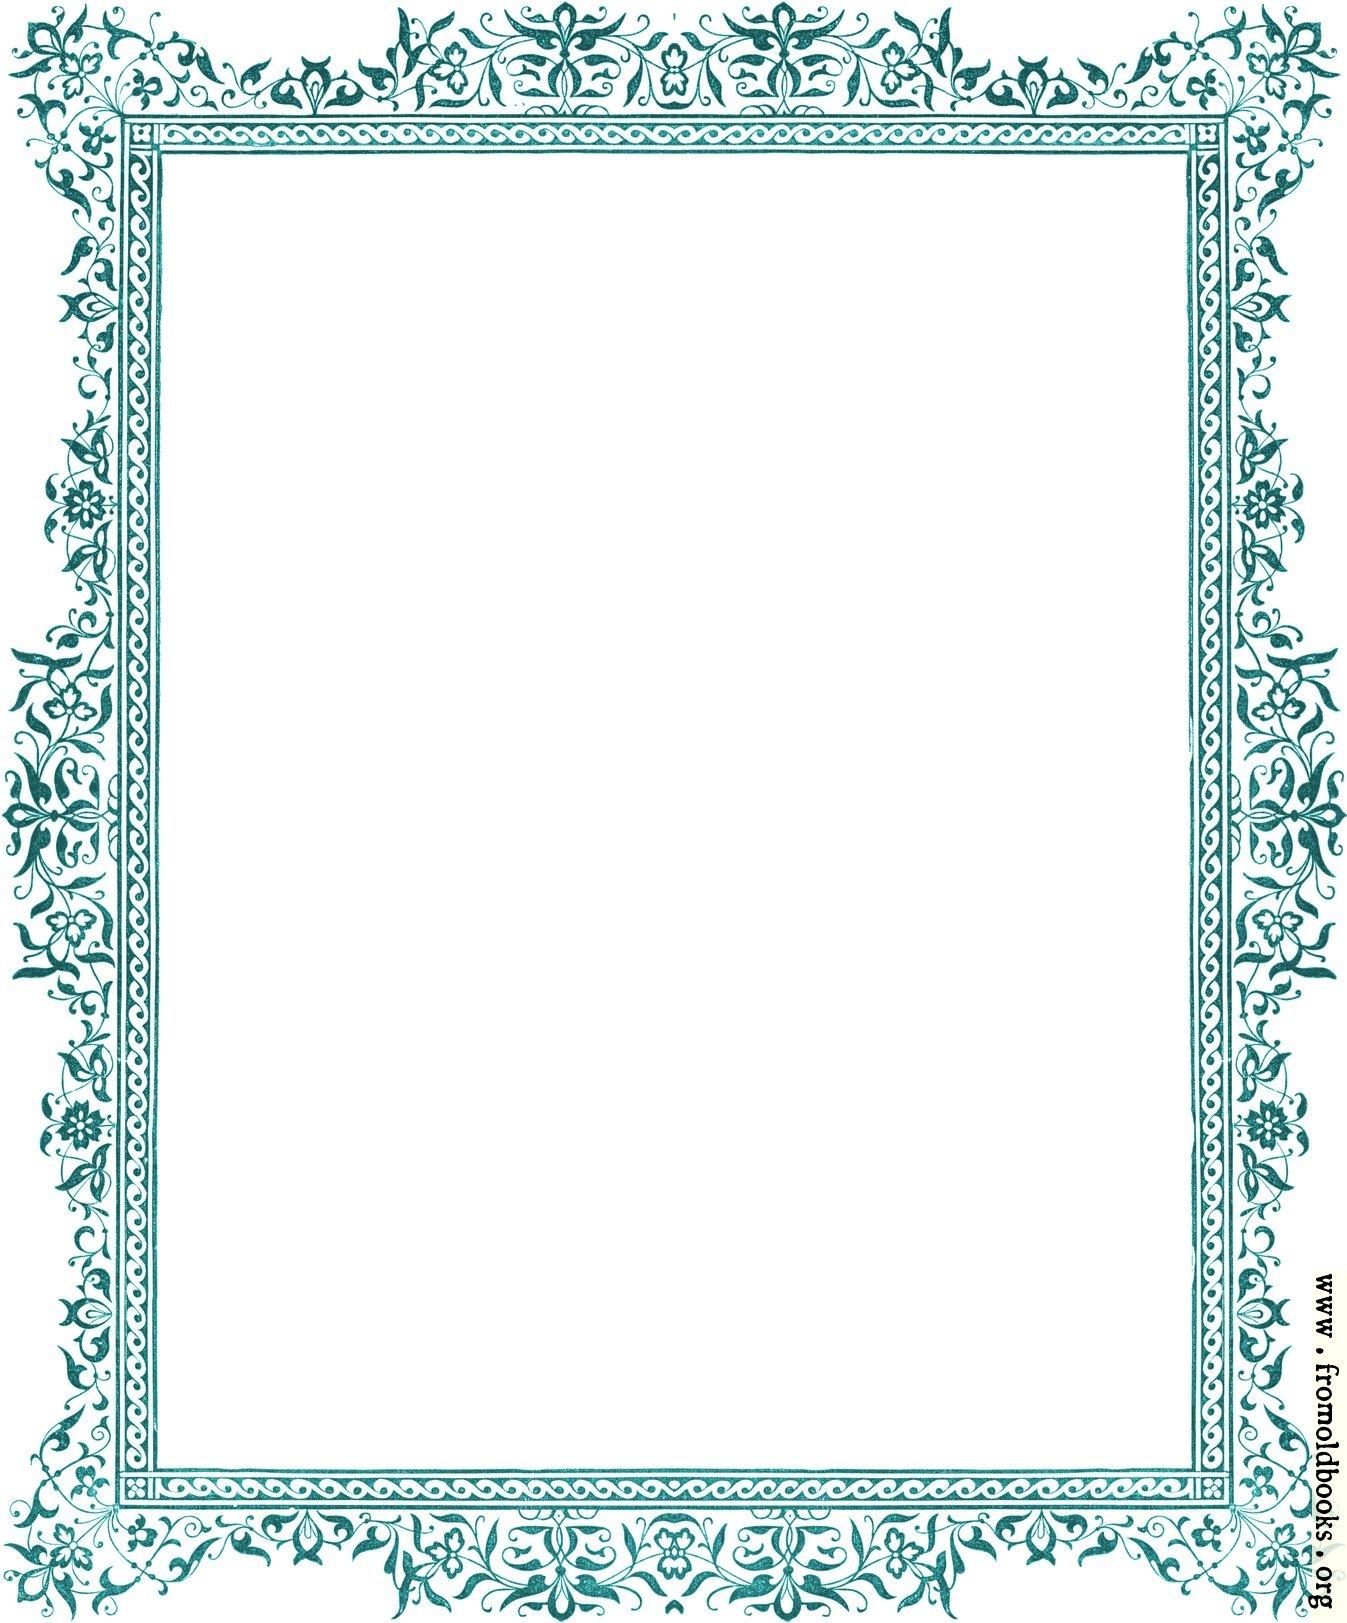 Decorative clipart Victorian border antique green image 1347x1623 pixels